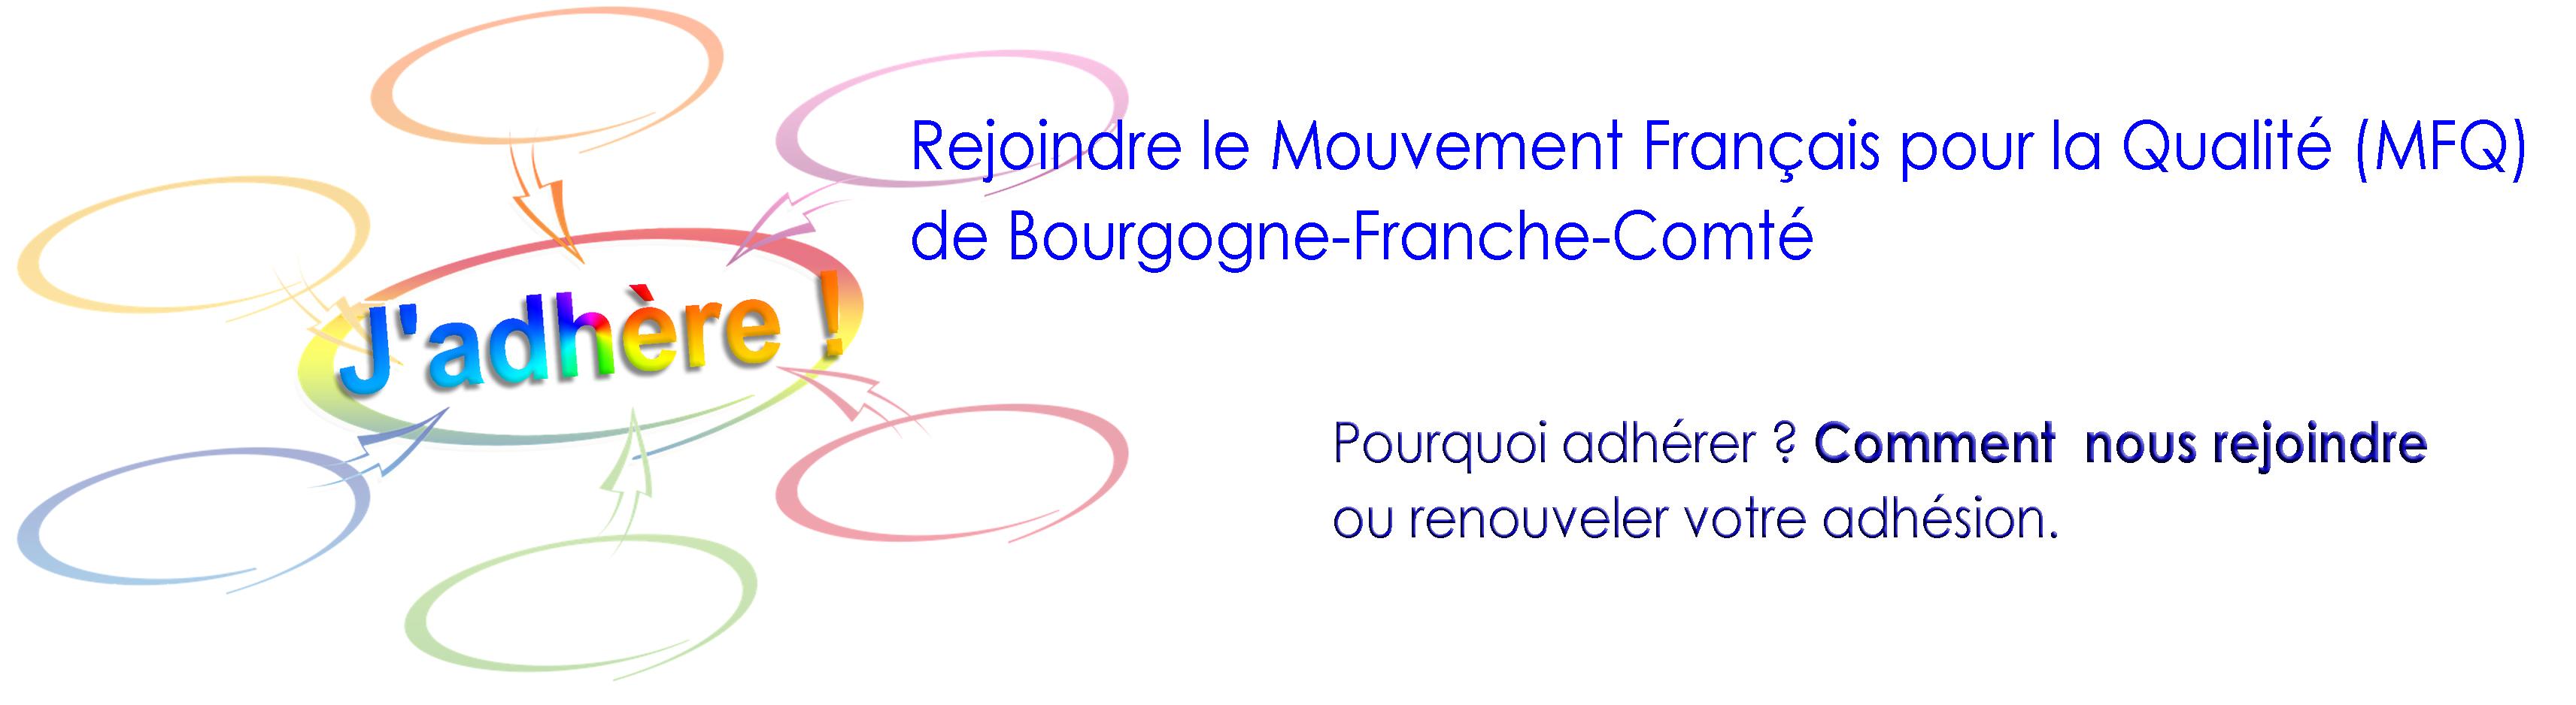 ce9259489e9 Pourquoi adhérer - MFQ Bourgogne-Franche-Comté